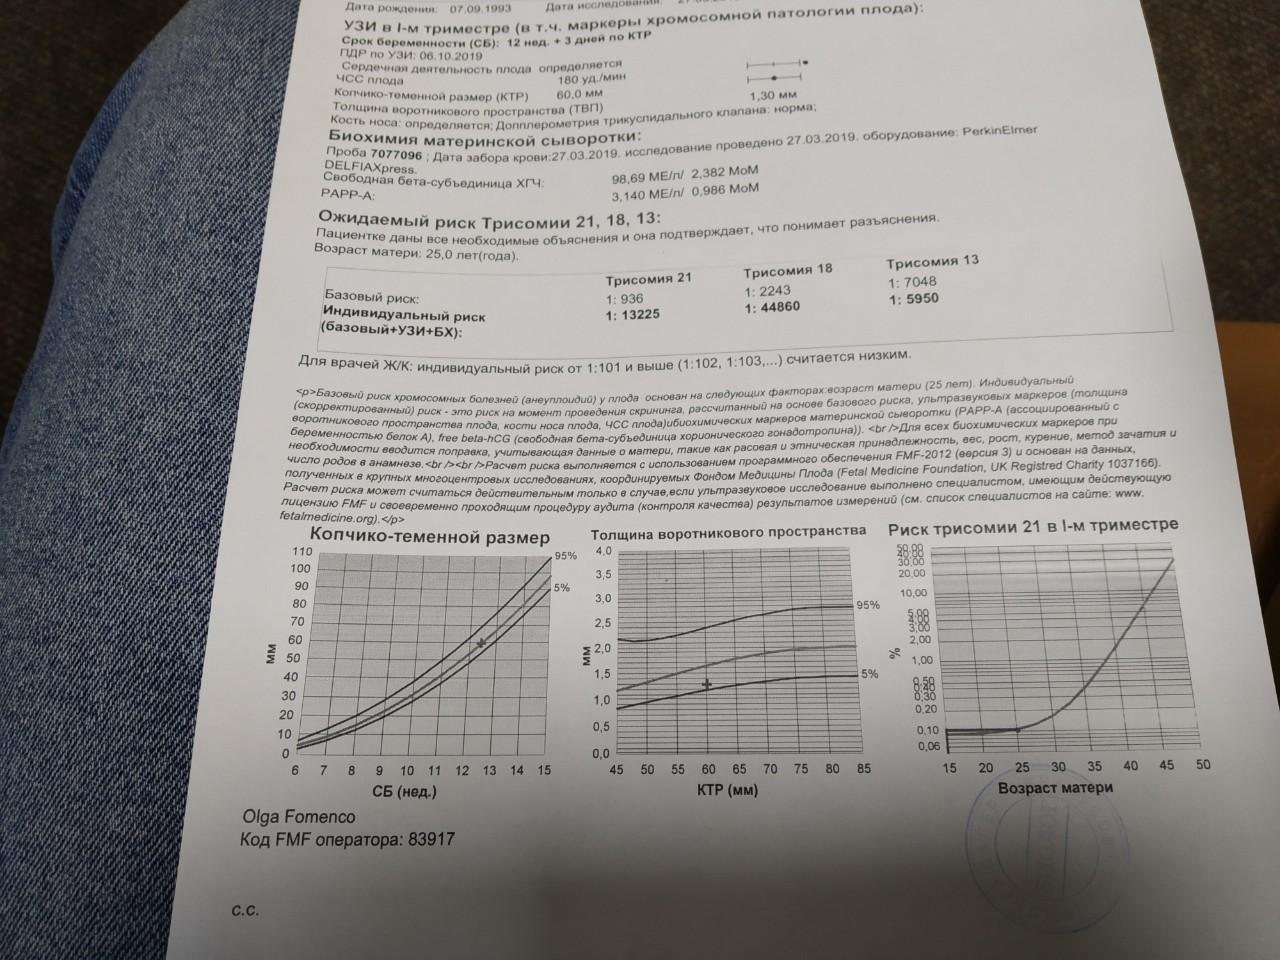 Каковы нормальные показатели при трисомии 21?